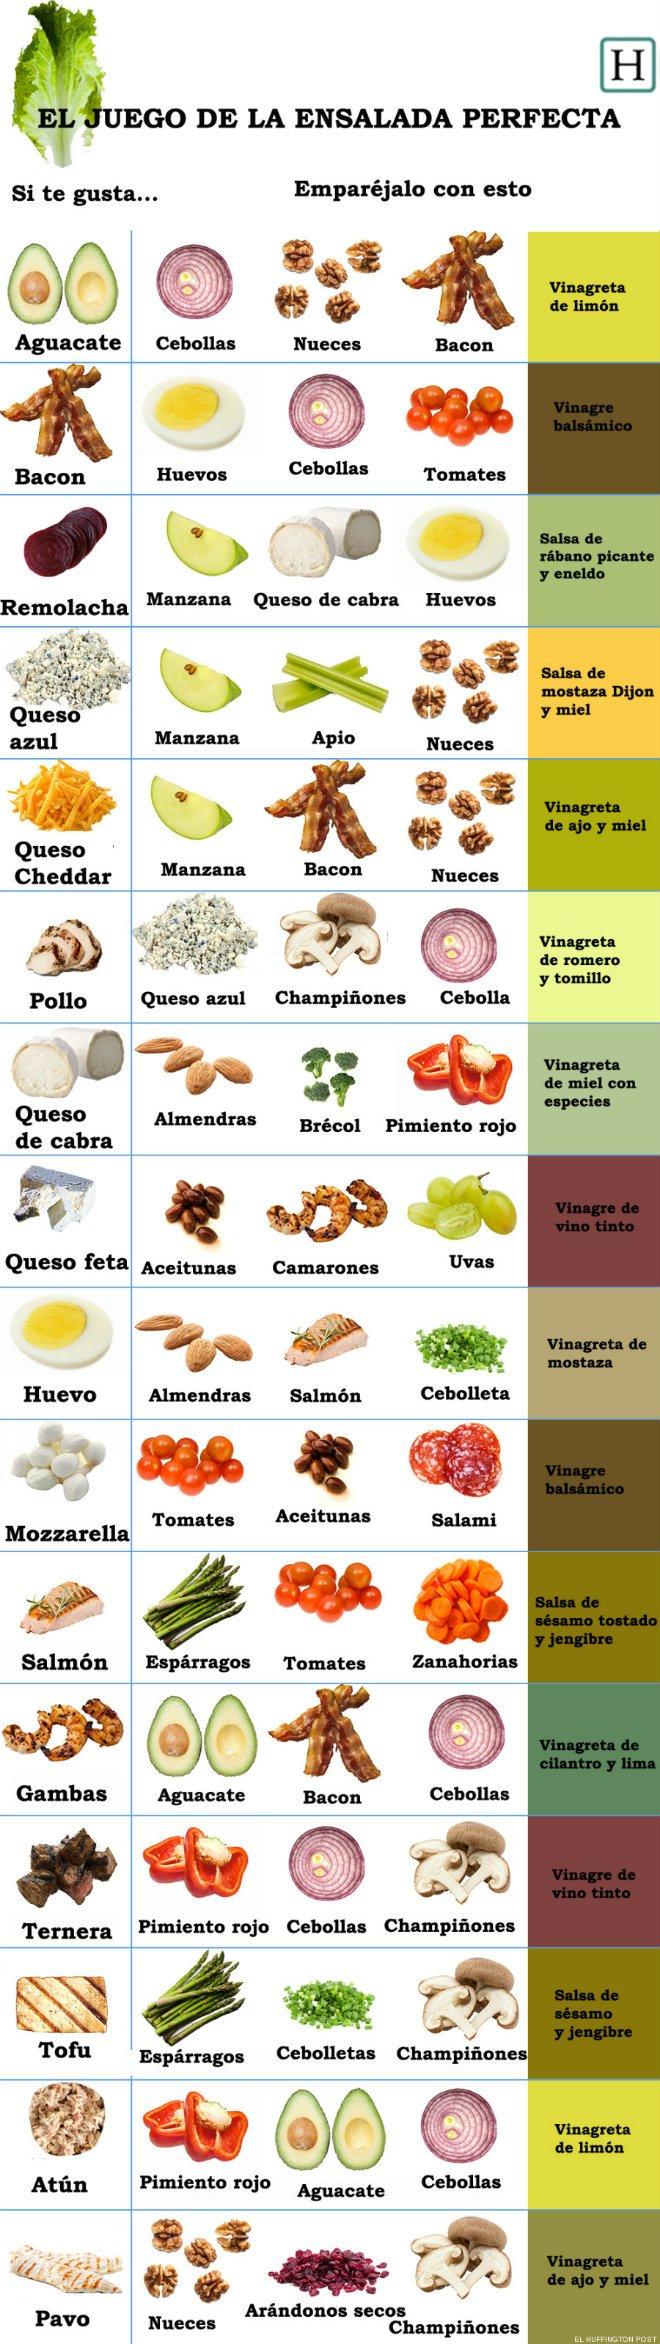 Ingredientes para la ensalada perfecta. Combinaciones de ensueño 1